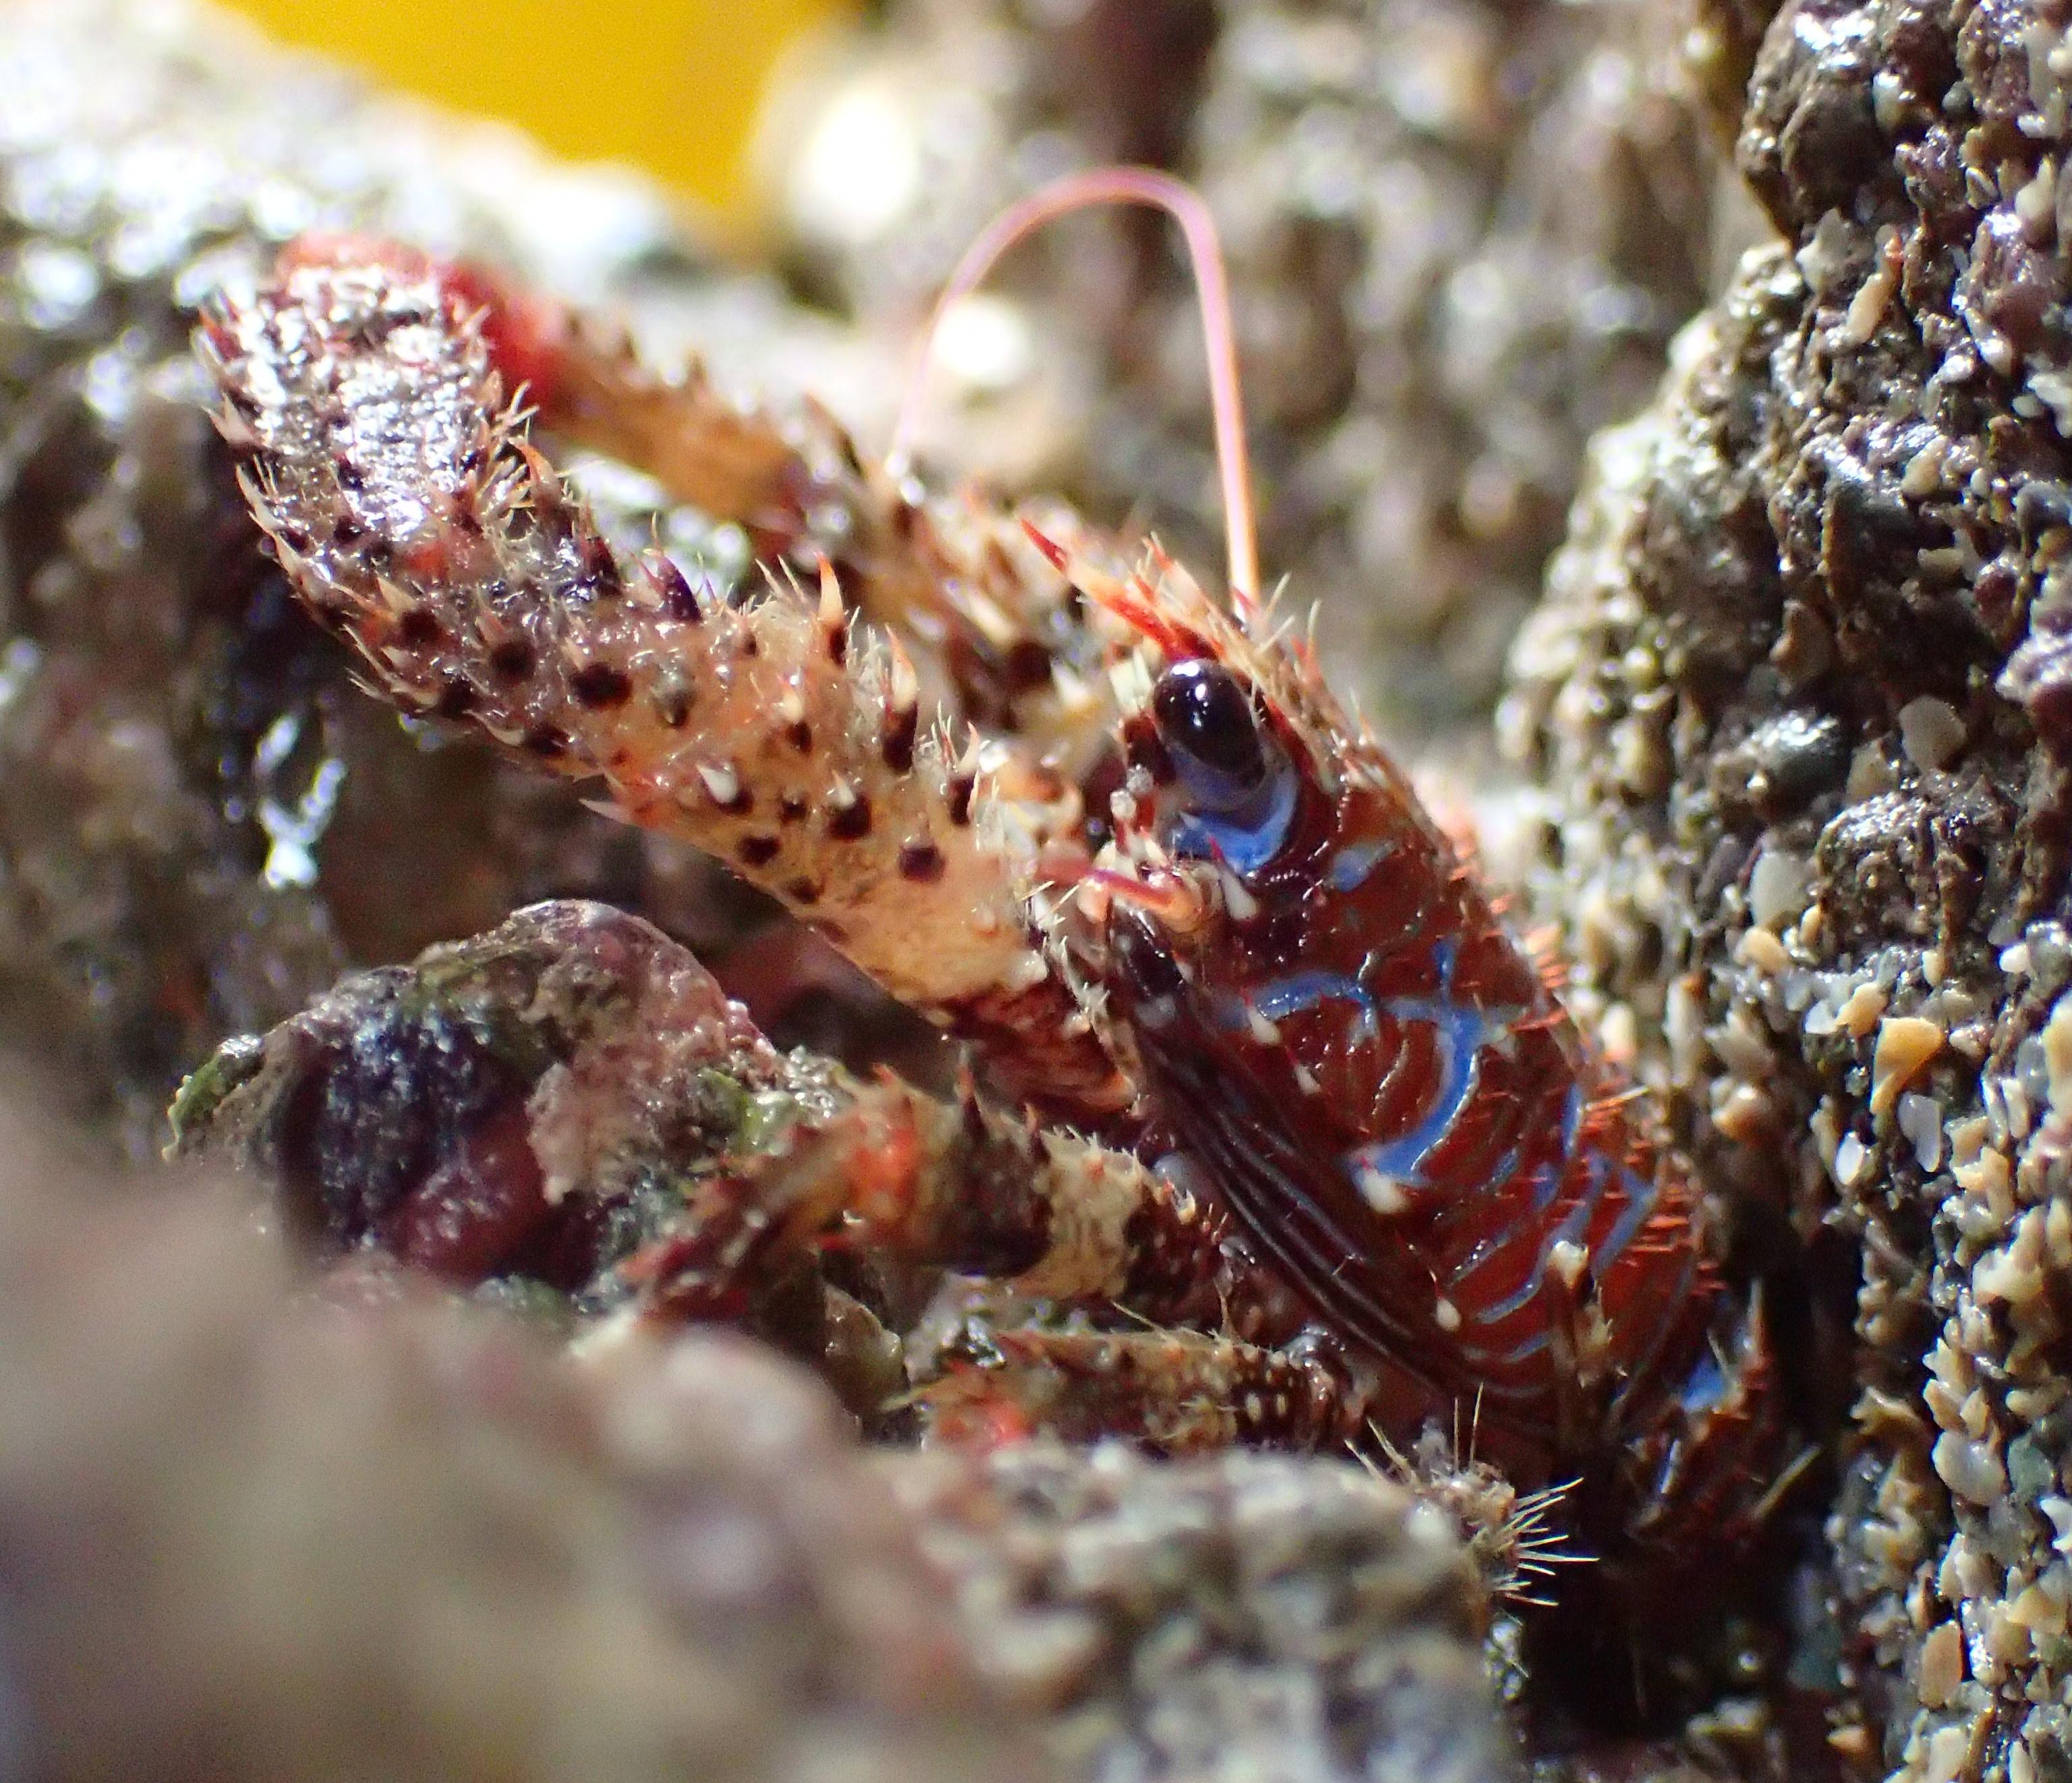 A colourful squat lobster - the Galathea strigosa